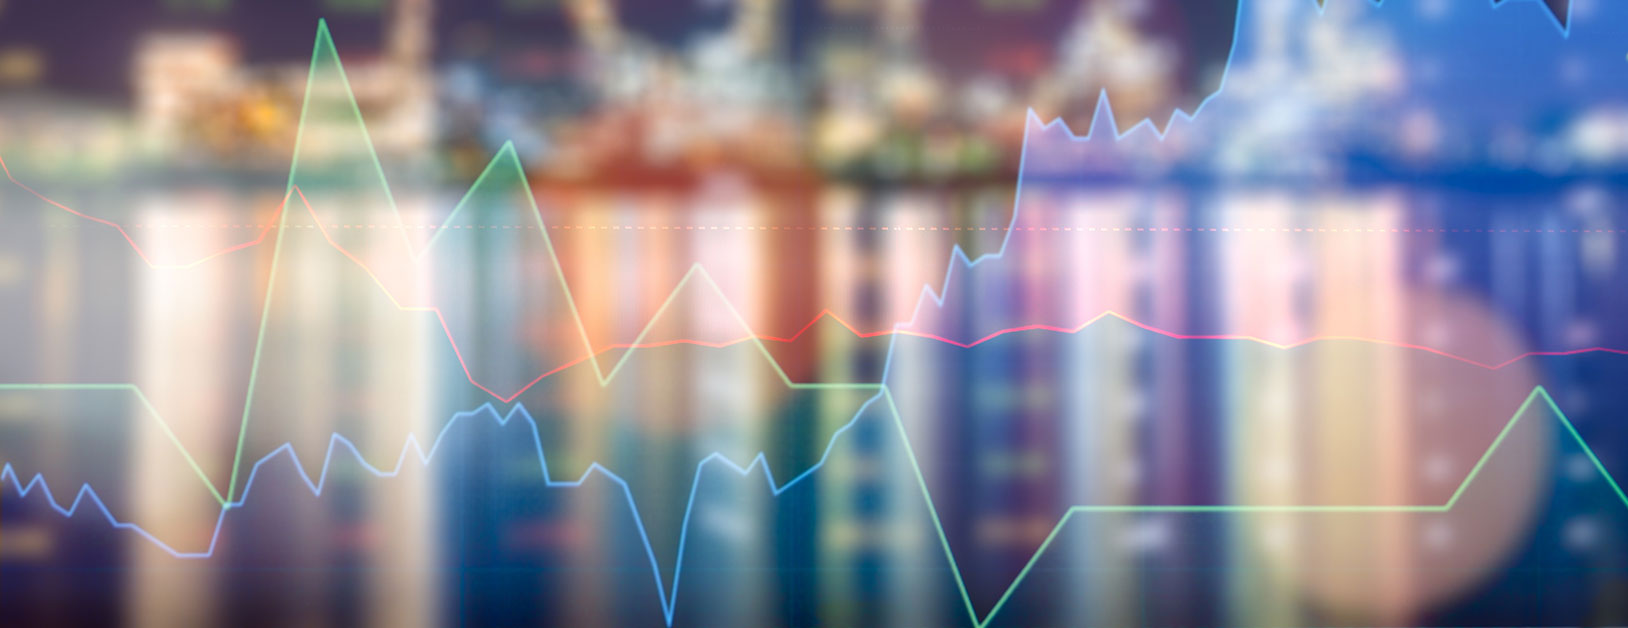 verschwommene Skyline mit Aktienkursen im Vordergrund